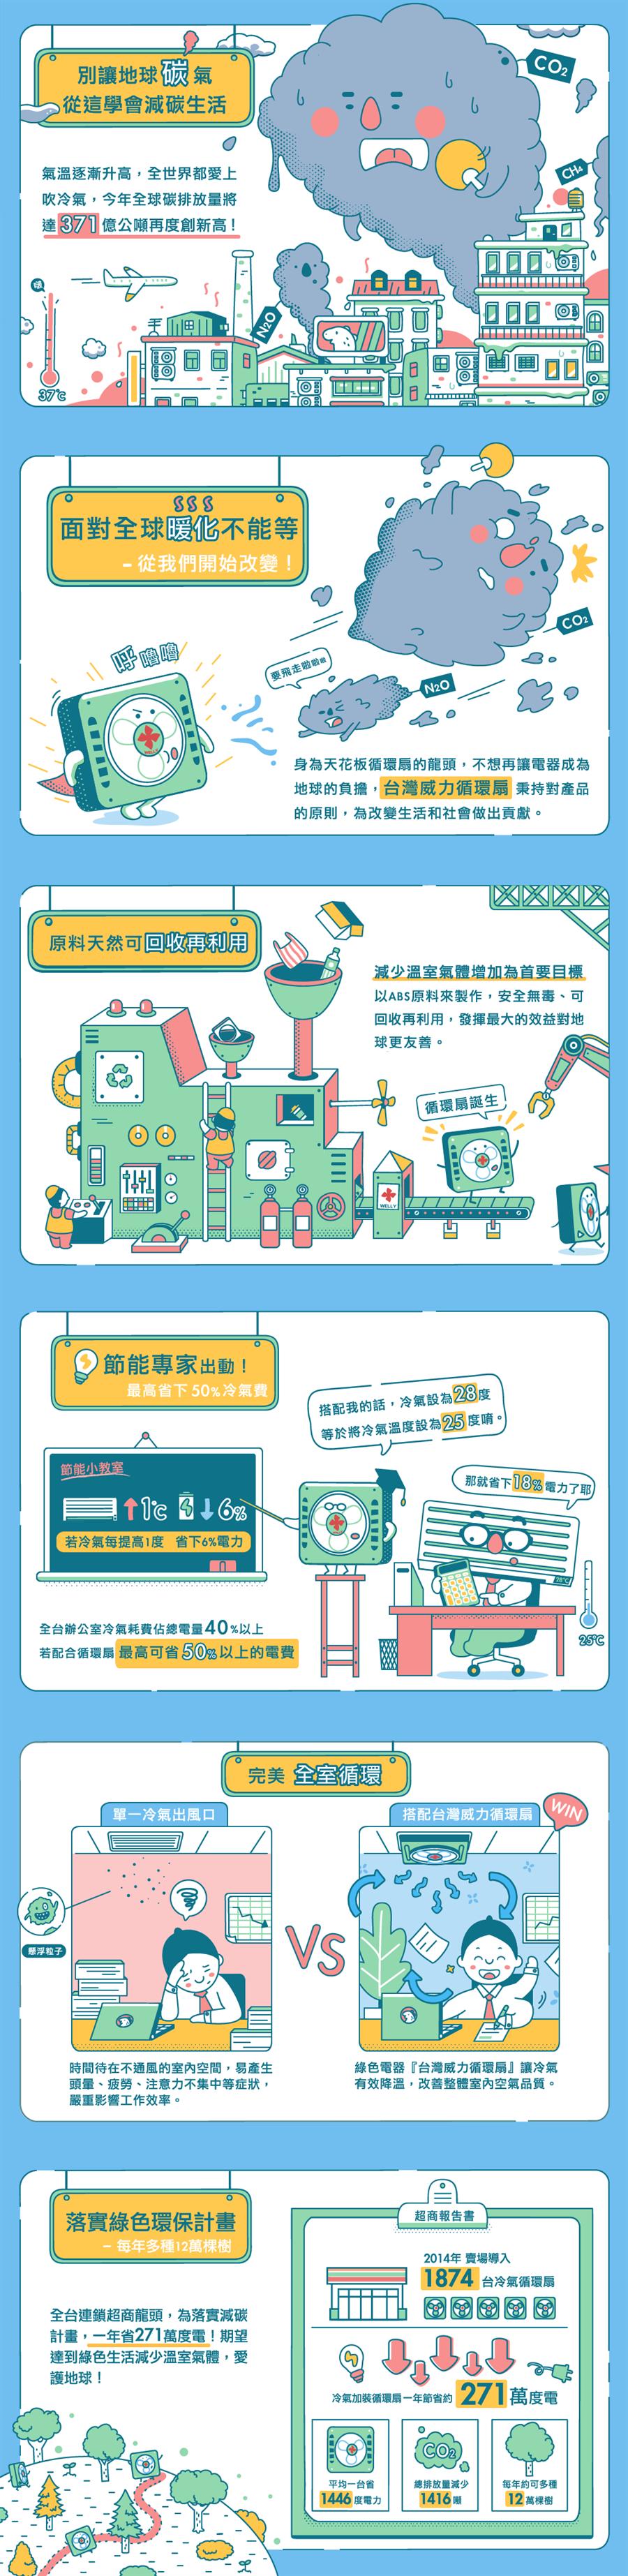 響應綠色生活、減碳愛地球,台灣威力循環扇選用可回收再利用的天然原料;龍頭超商導入台灣威力循環扇,一年可省下271萬度電,相當於一年多種12萬顆樹。(圖片來源:中時電子報)